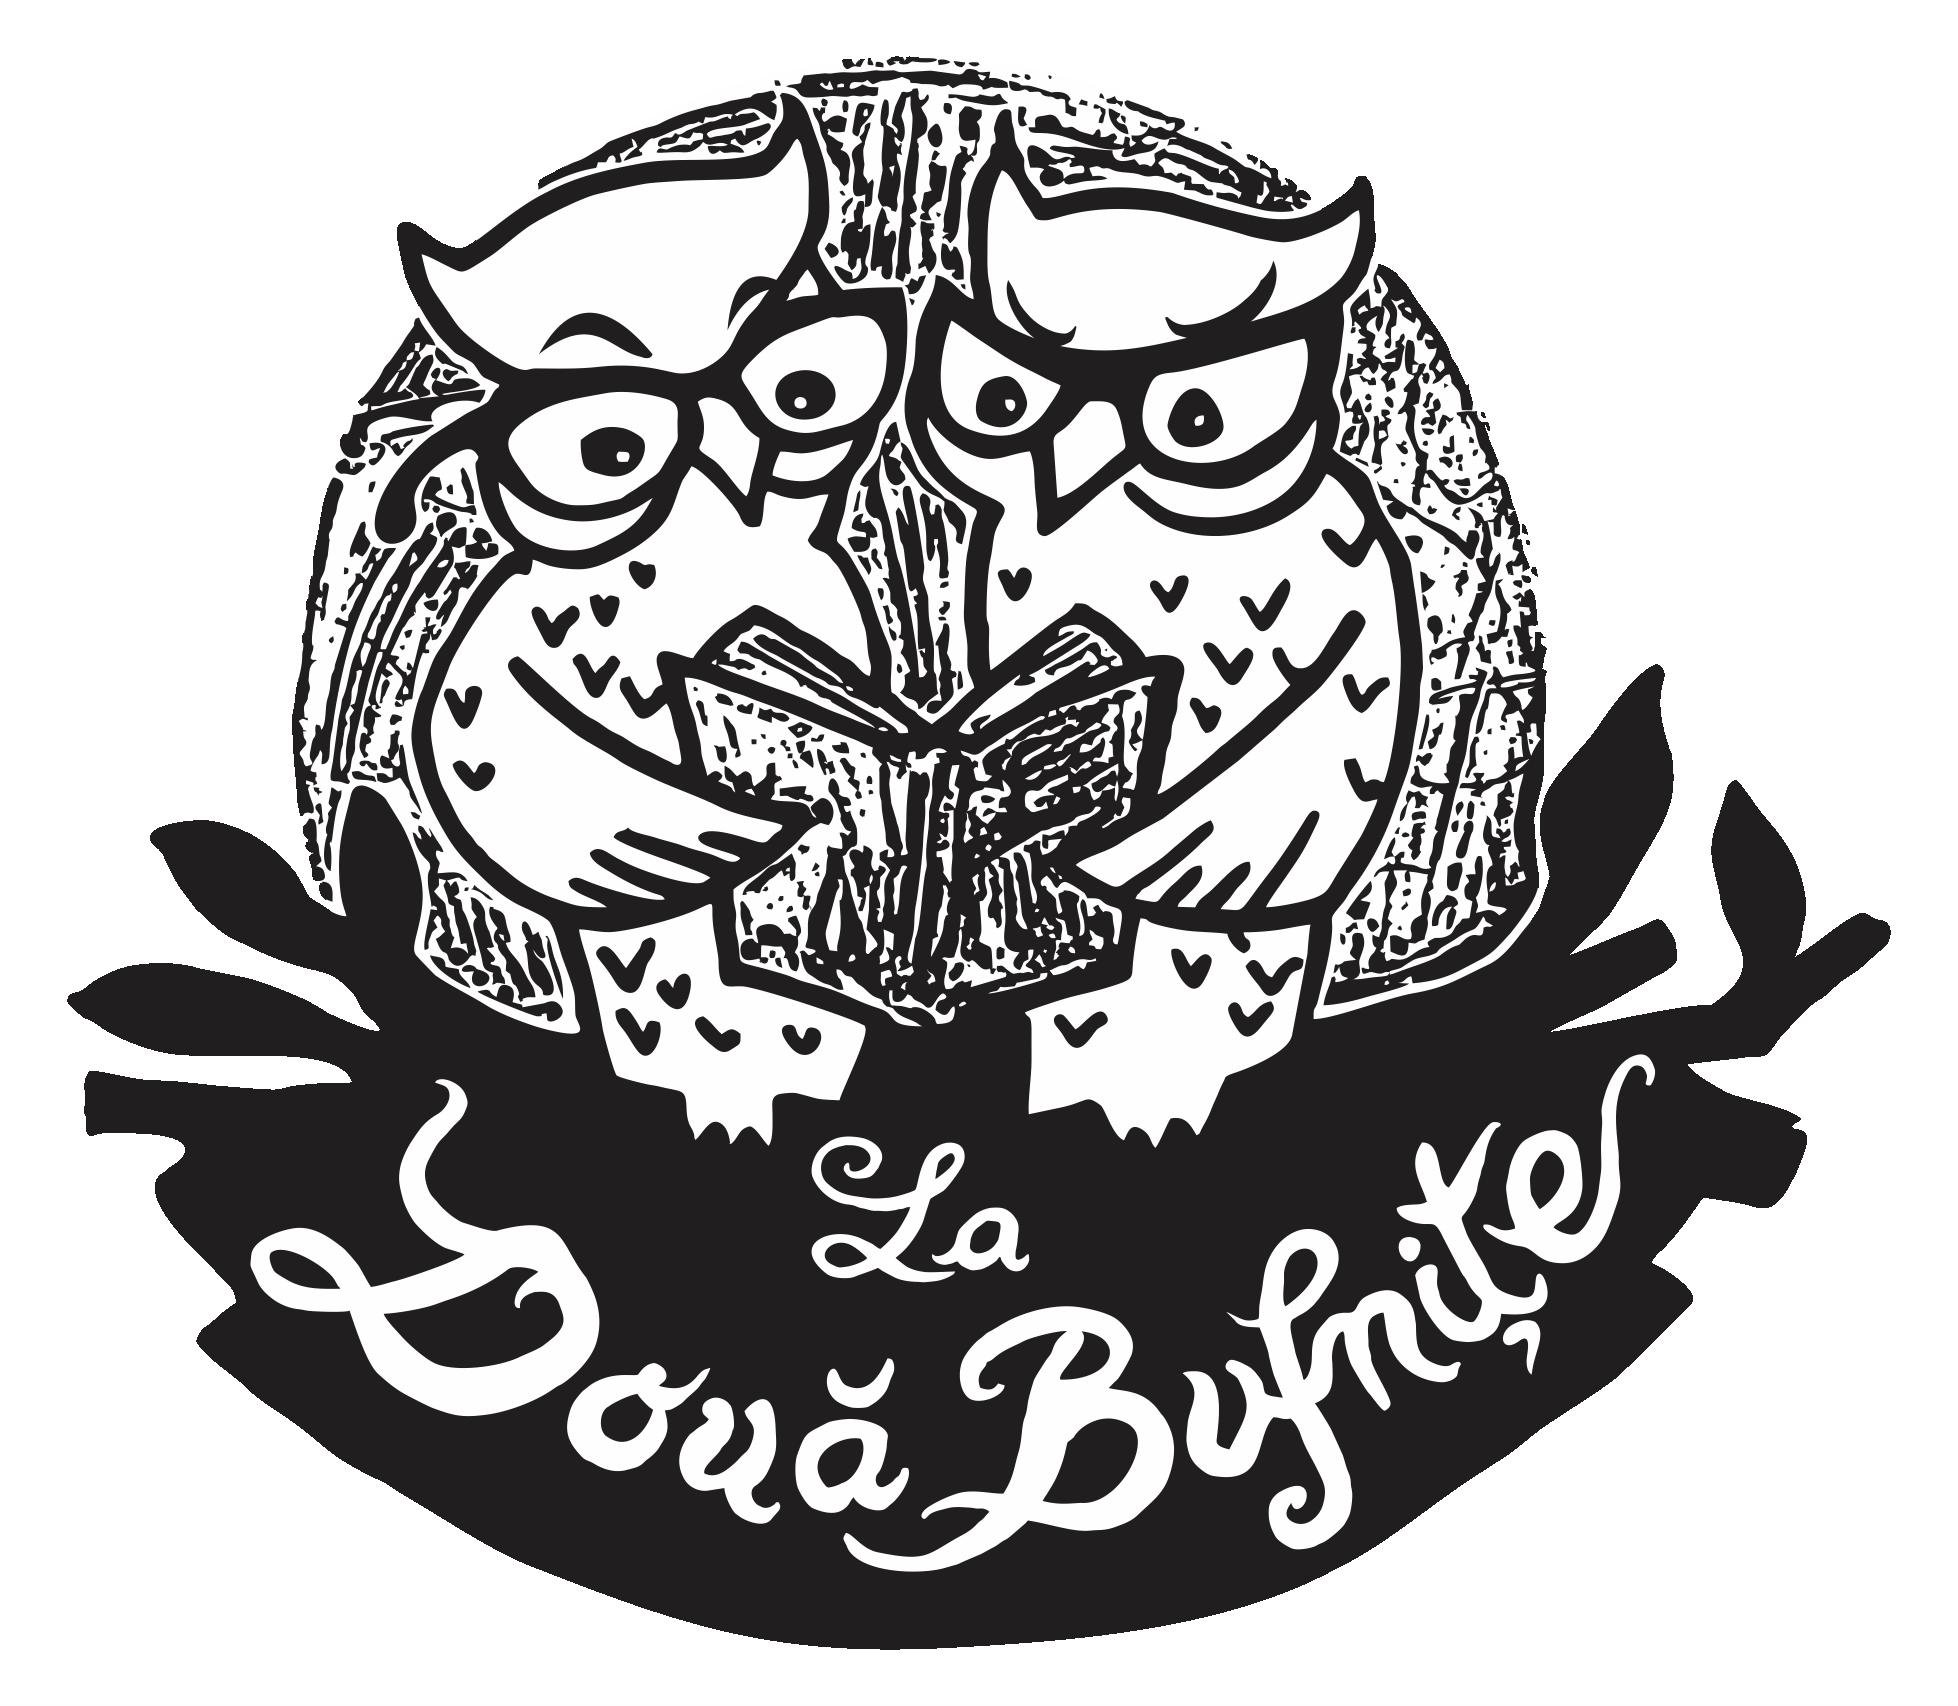 Asociația Culturală La Două Bufnițe logo